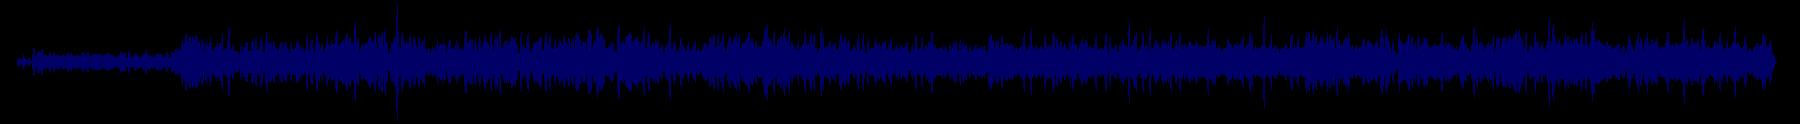 waveform of track #68260